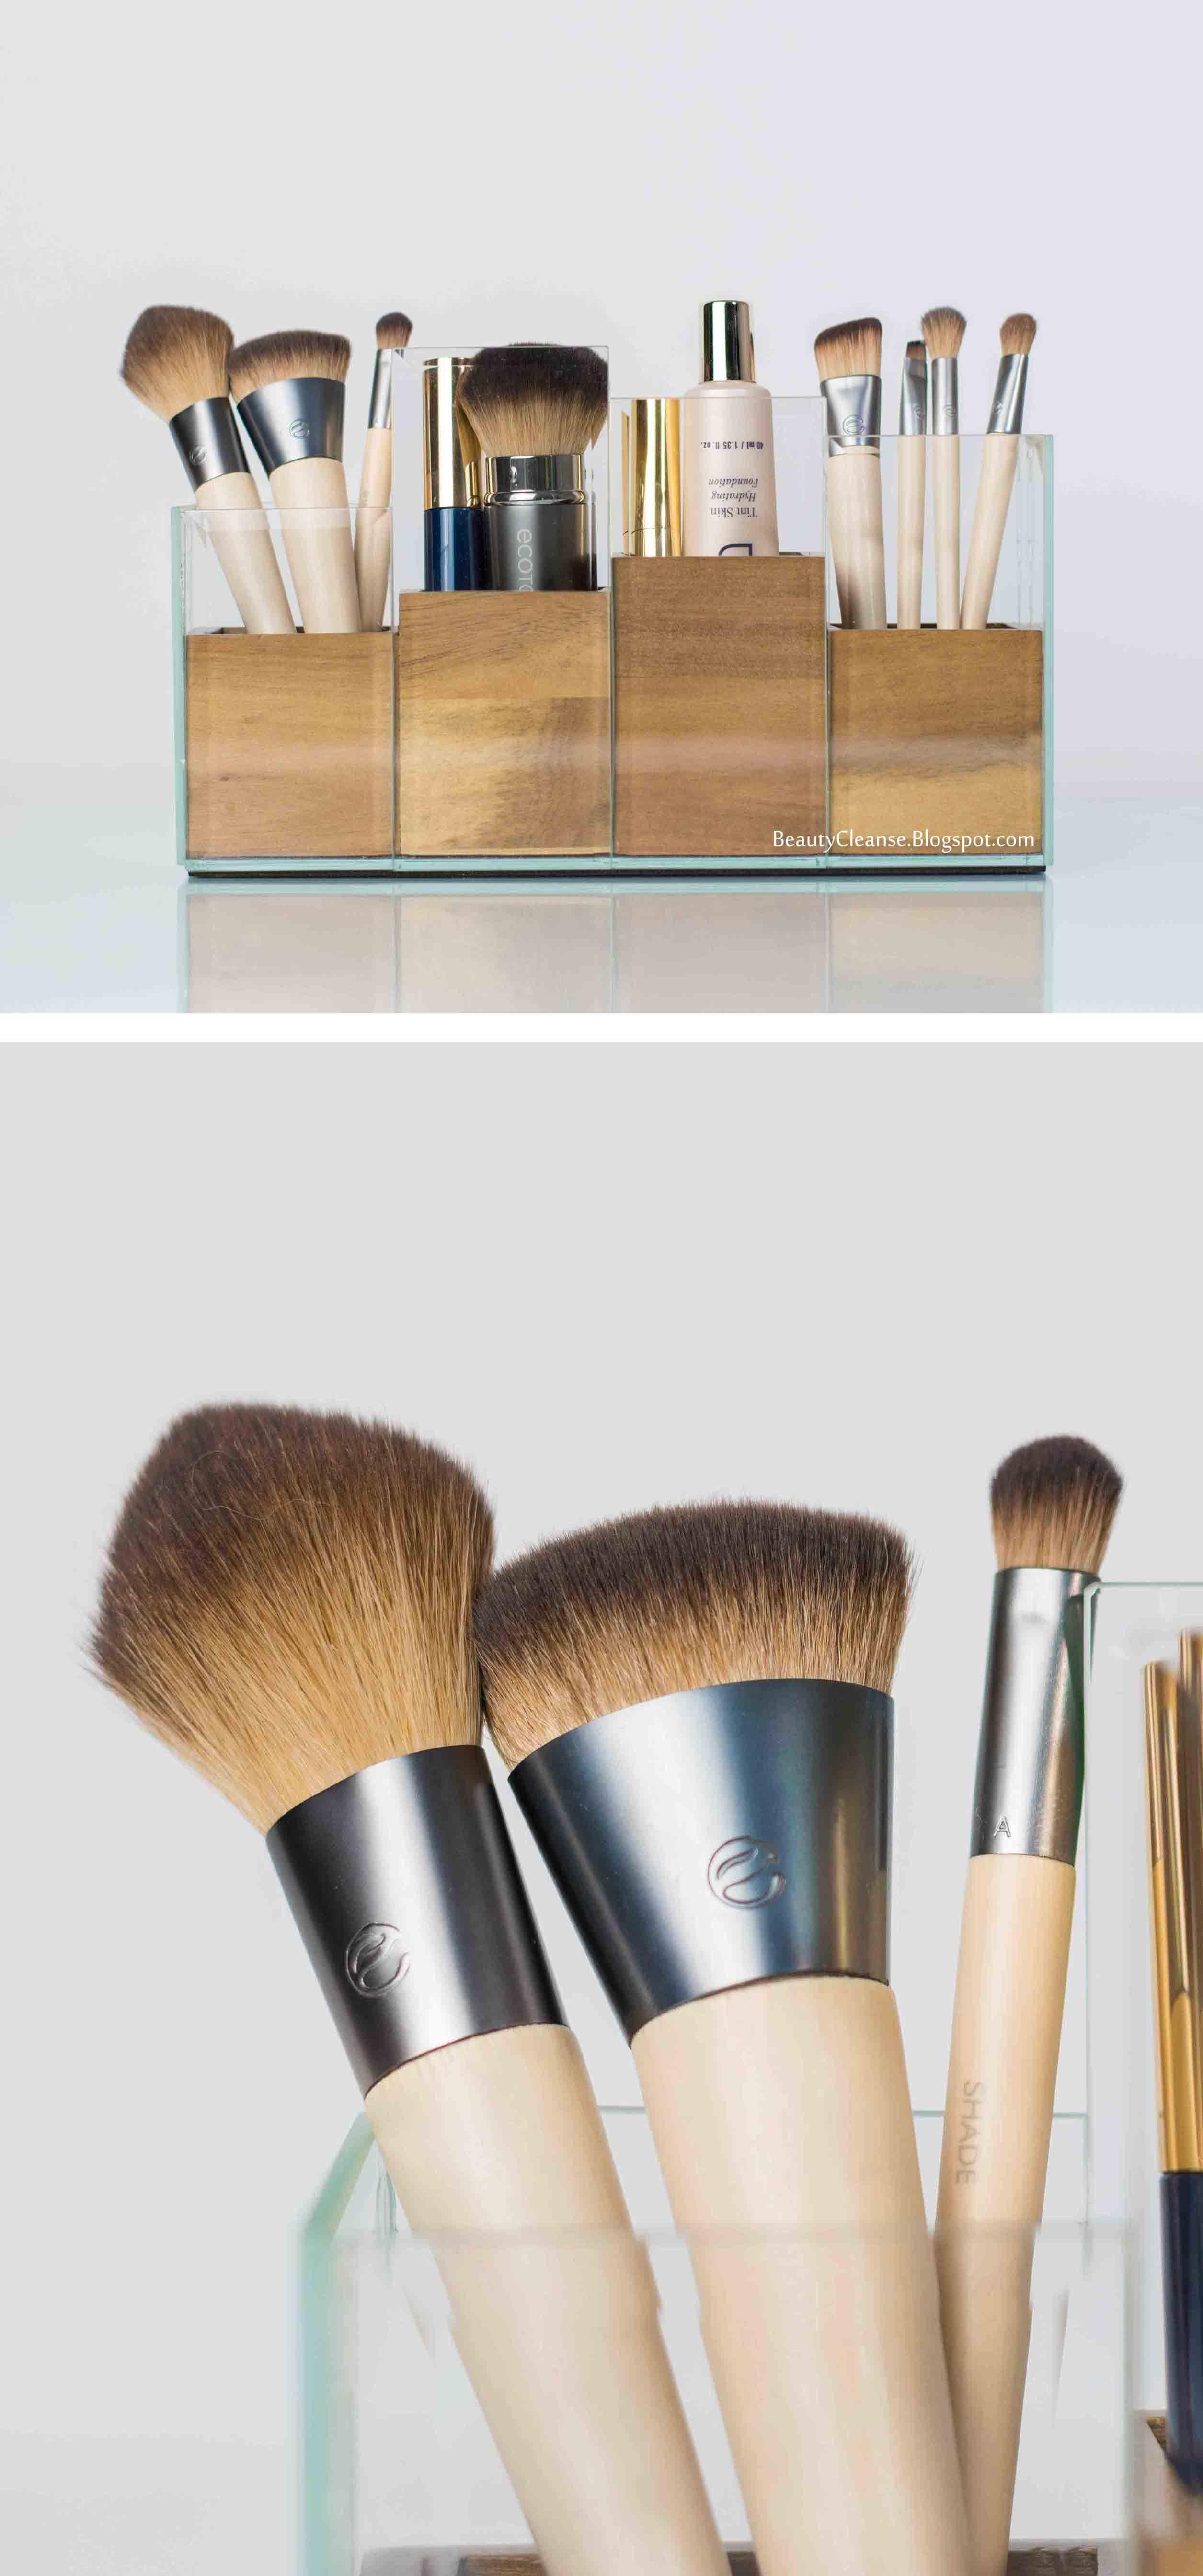 EcoTools' EnvironmentallyFriendly Makeup Brush Review